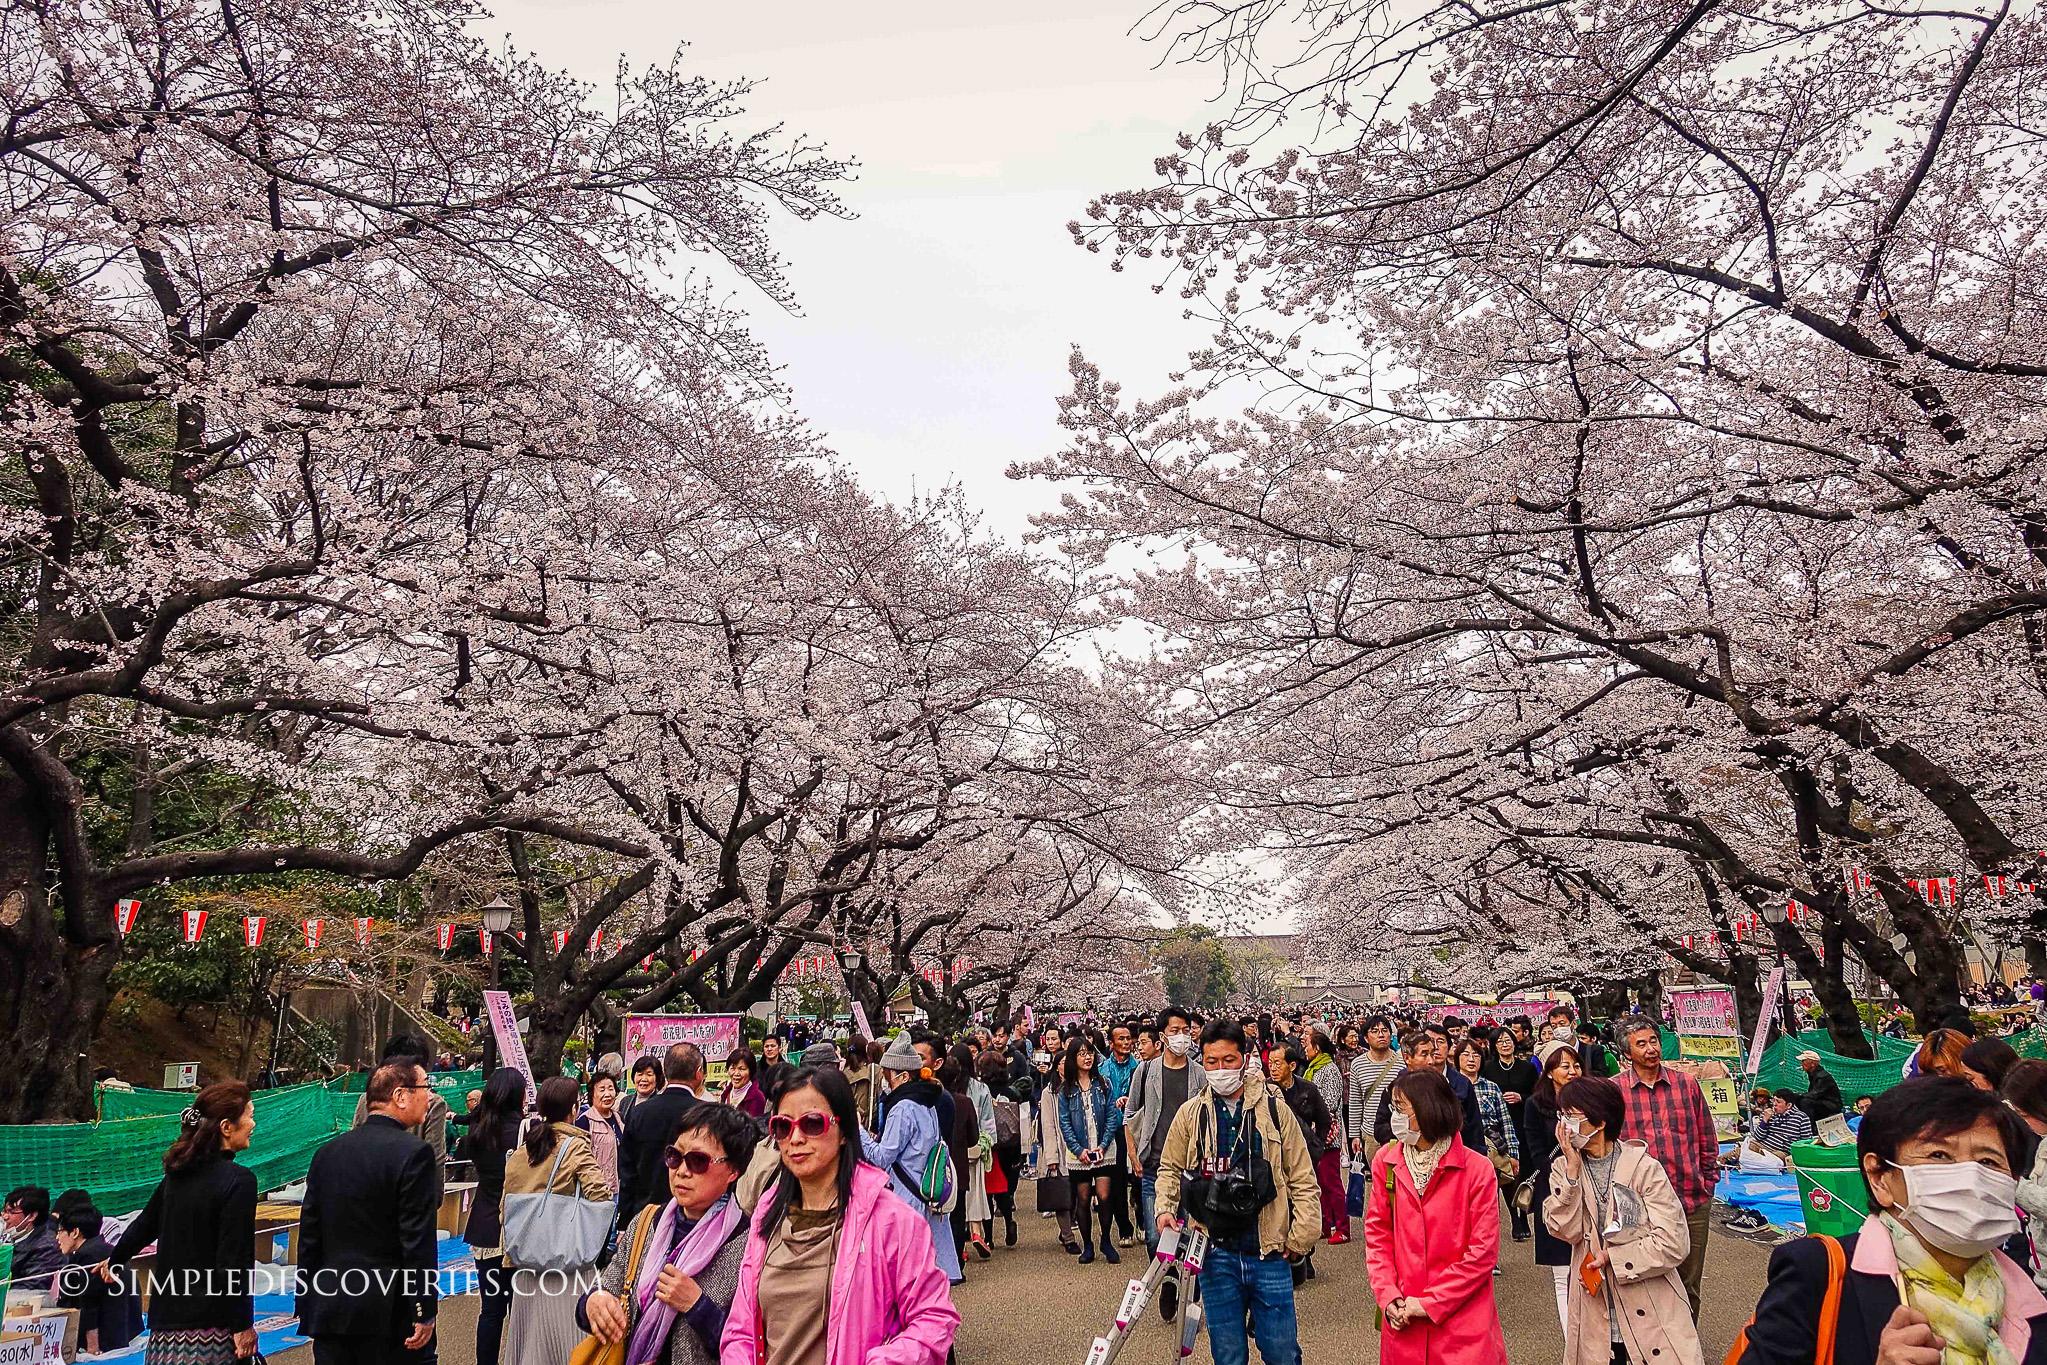 uneo_park_blossom_crowds_japan